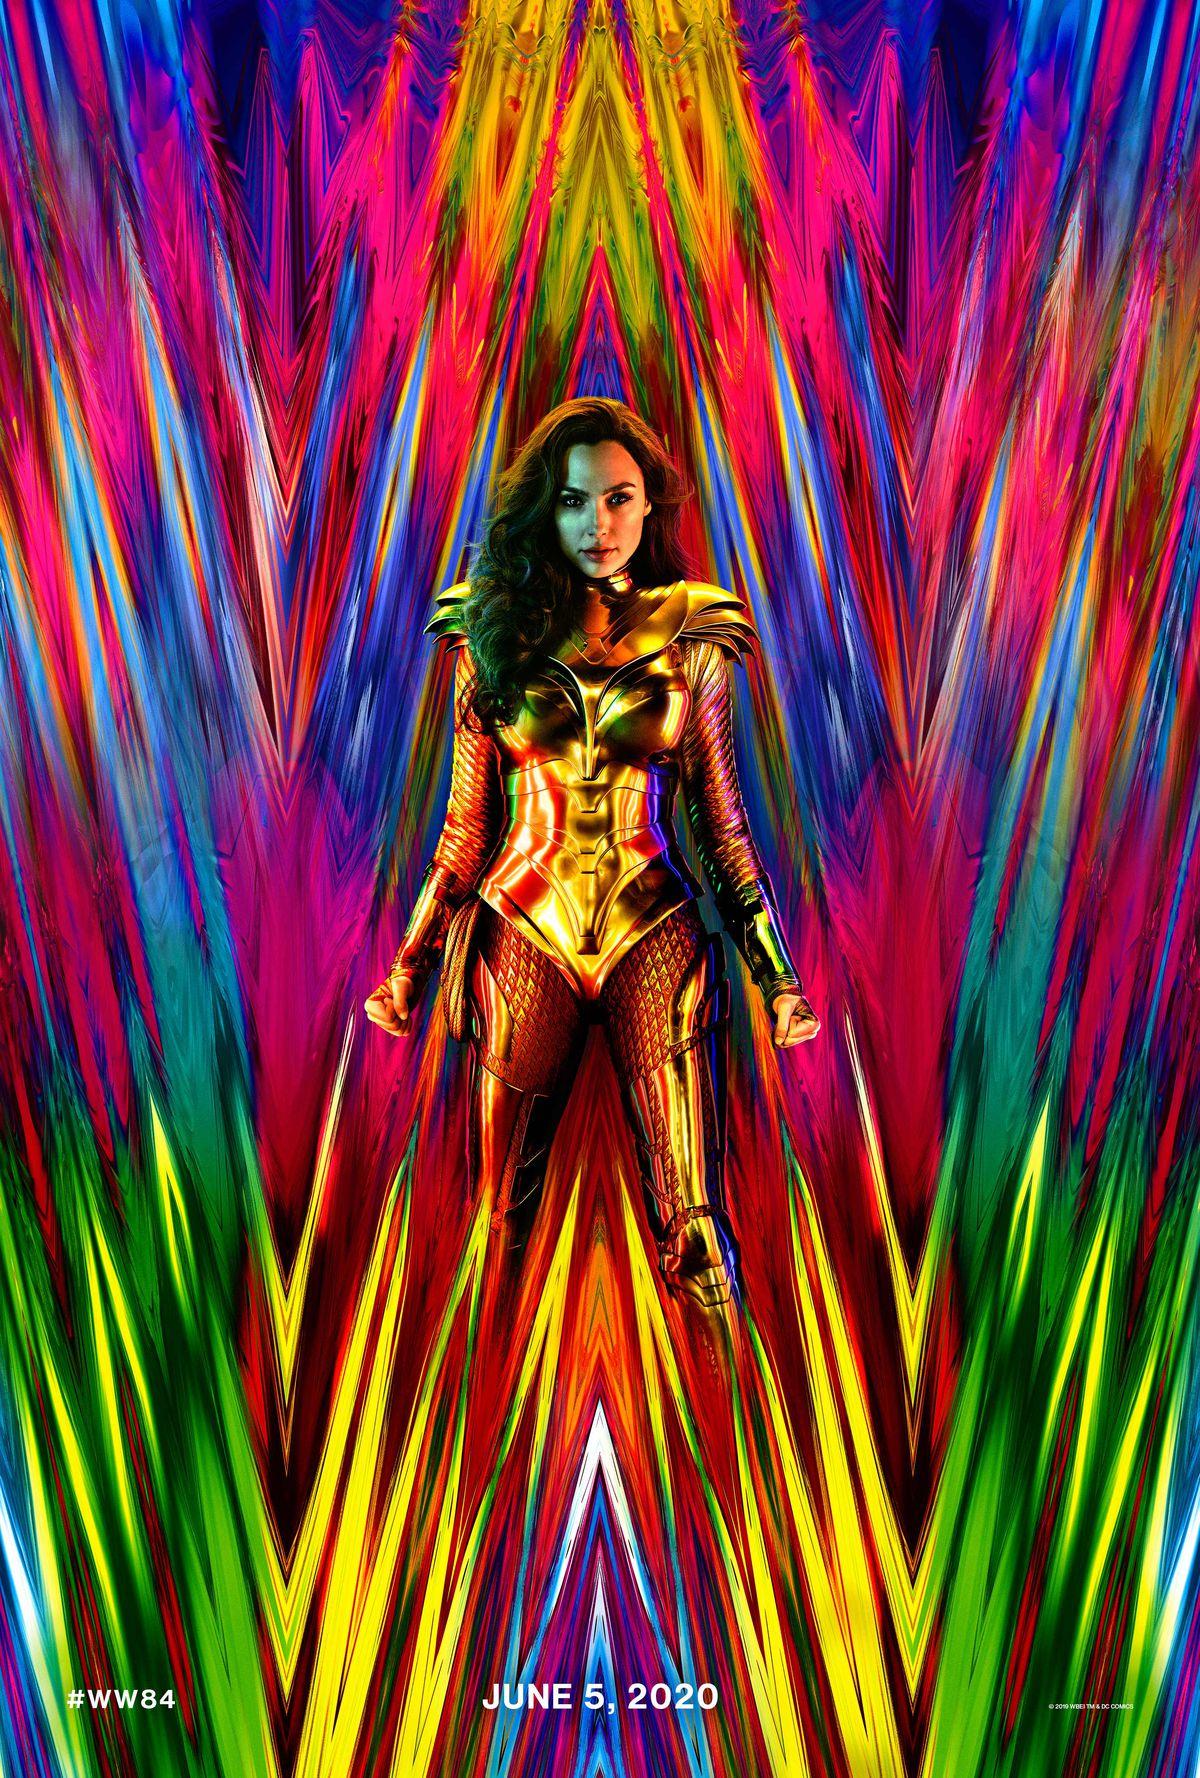 神奇女侠在令人眼花缭乱的新海报中充满了仙境传说